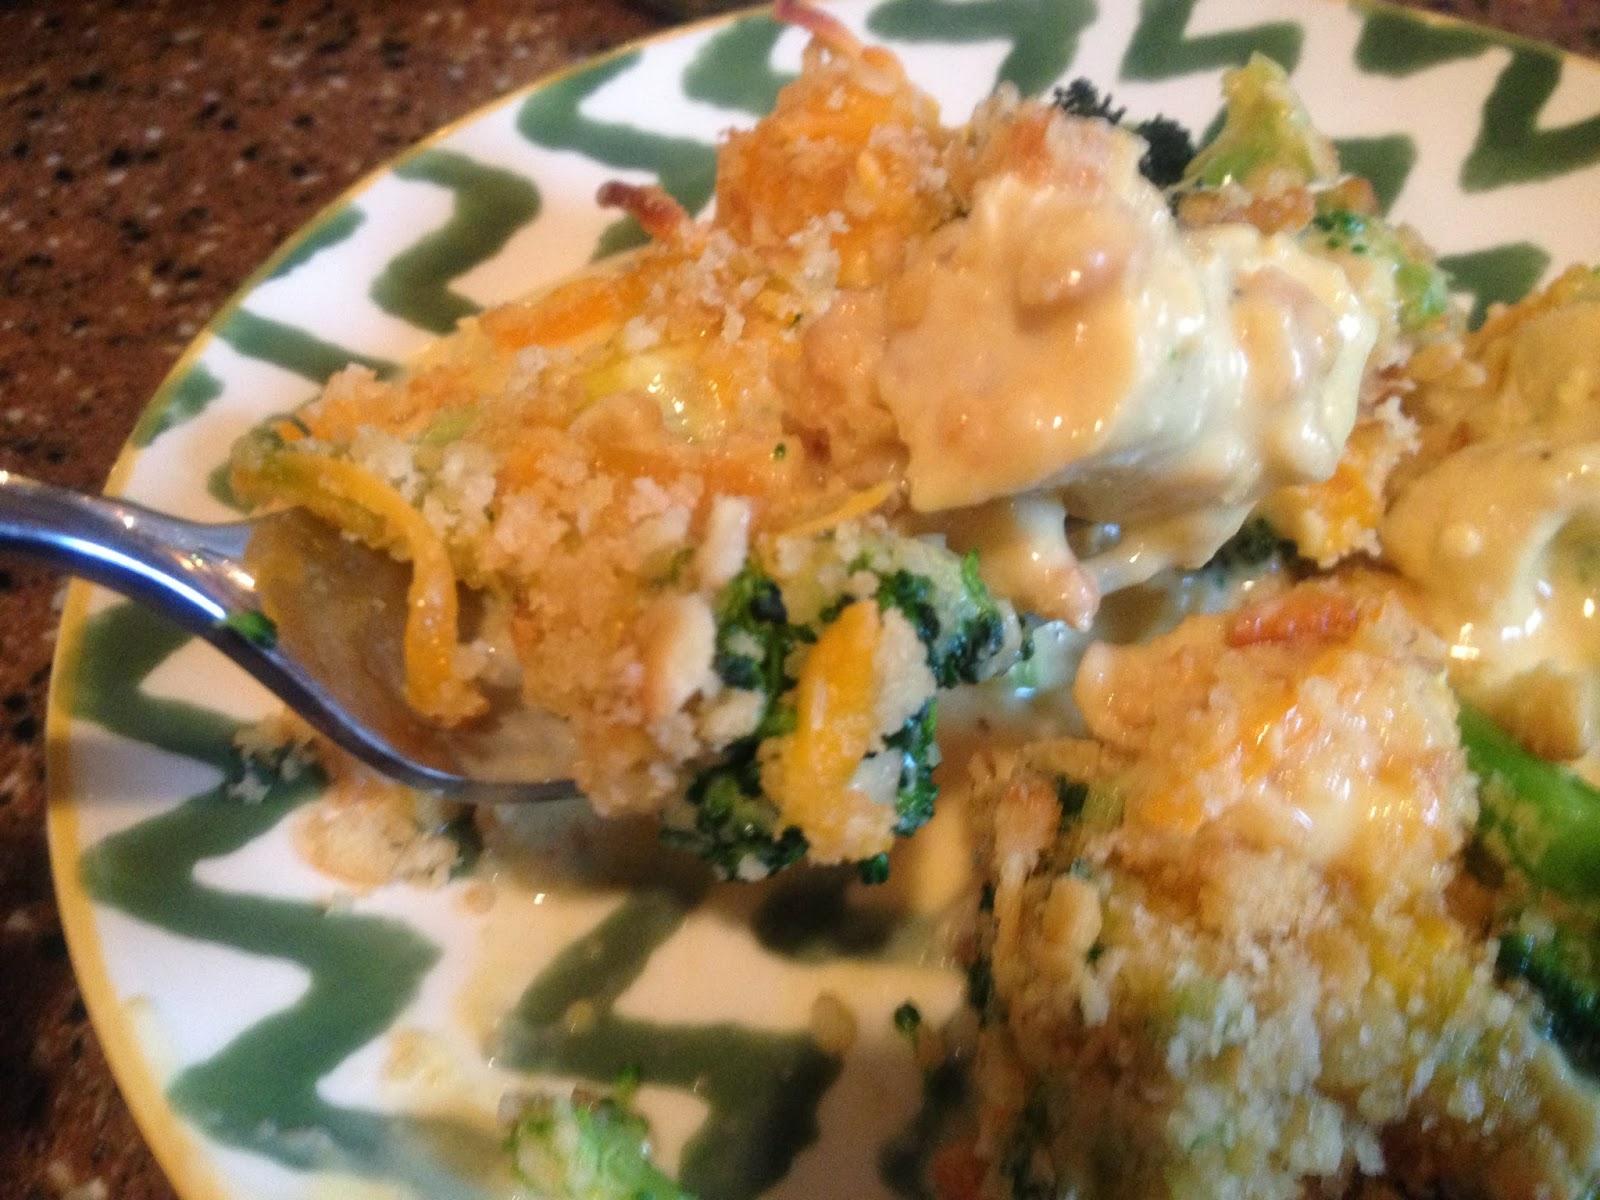 Flannery Kitchen Chicken Broccoli Casserole-6035